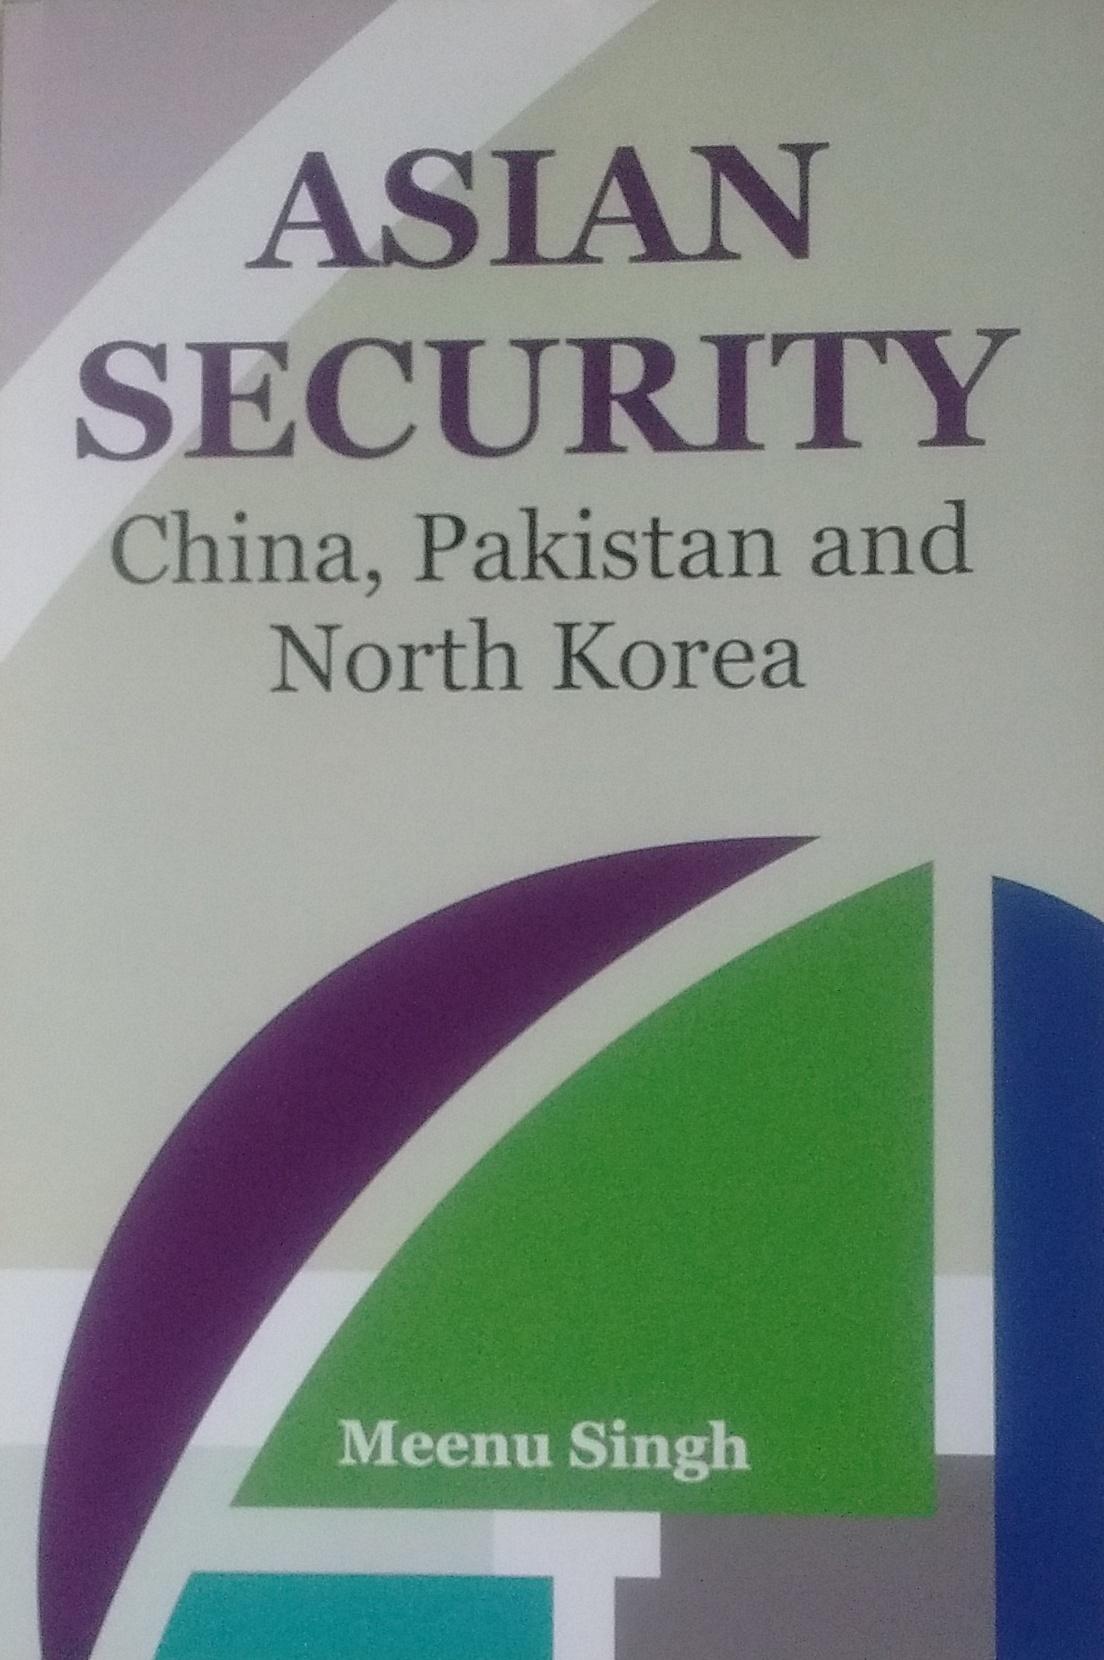 Asian periodicals buy